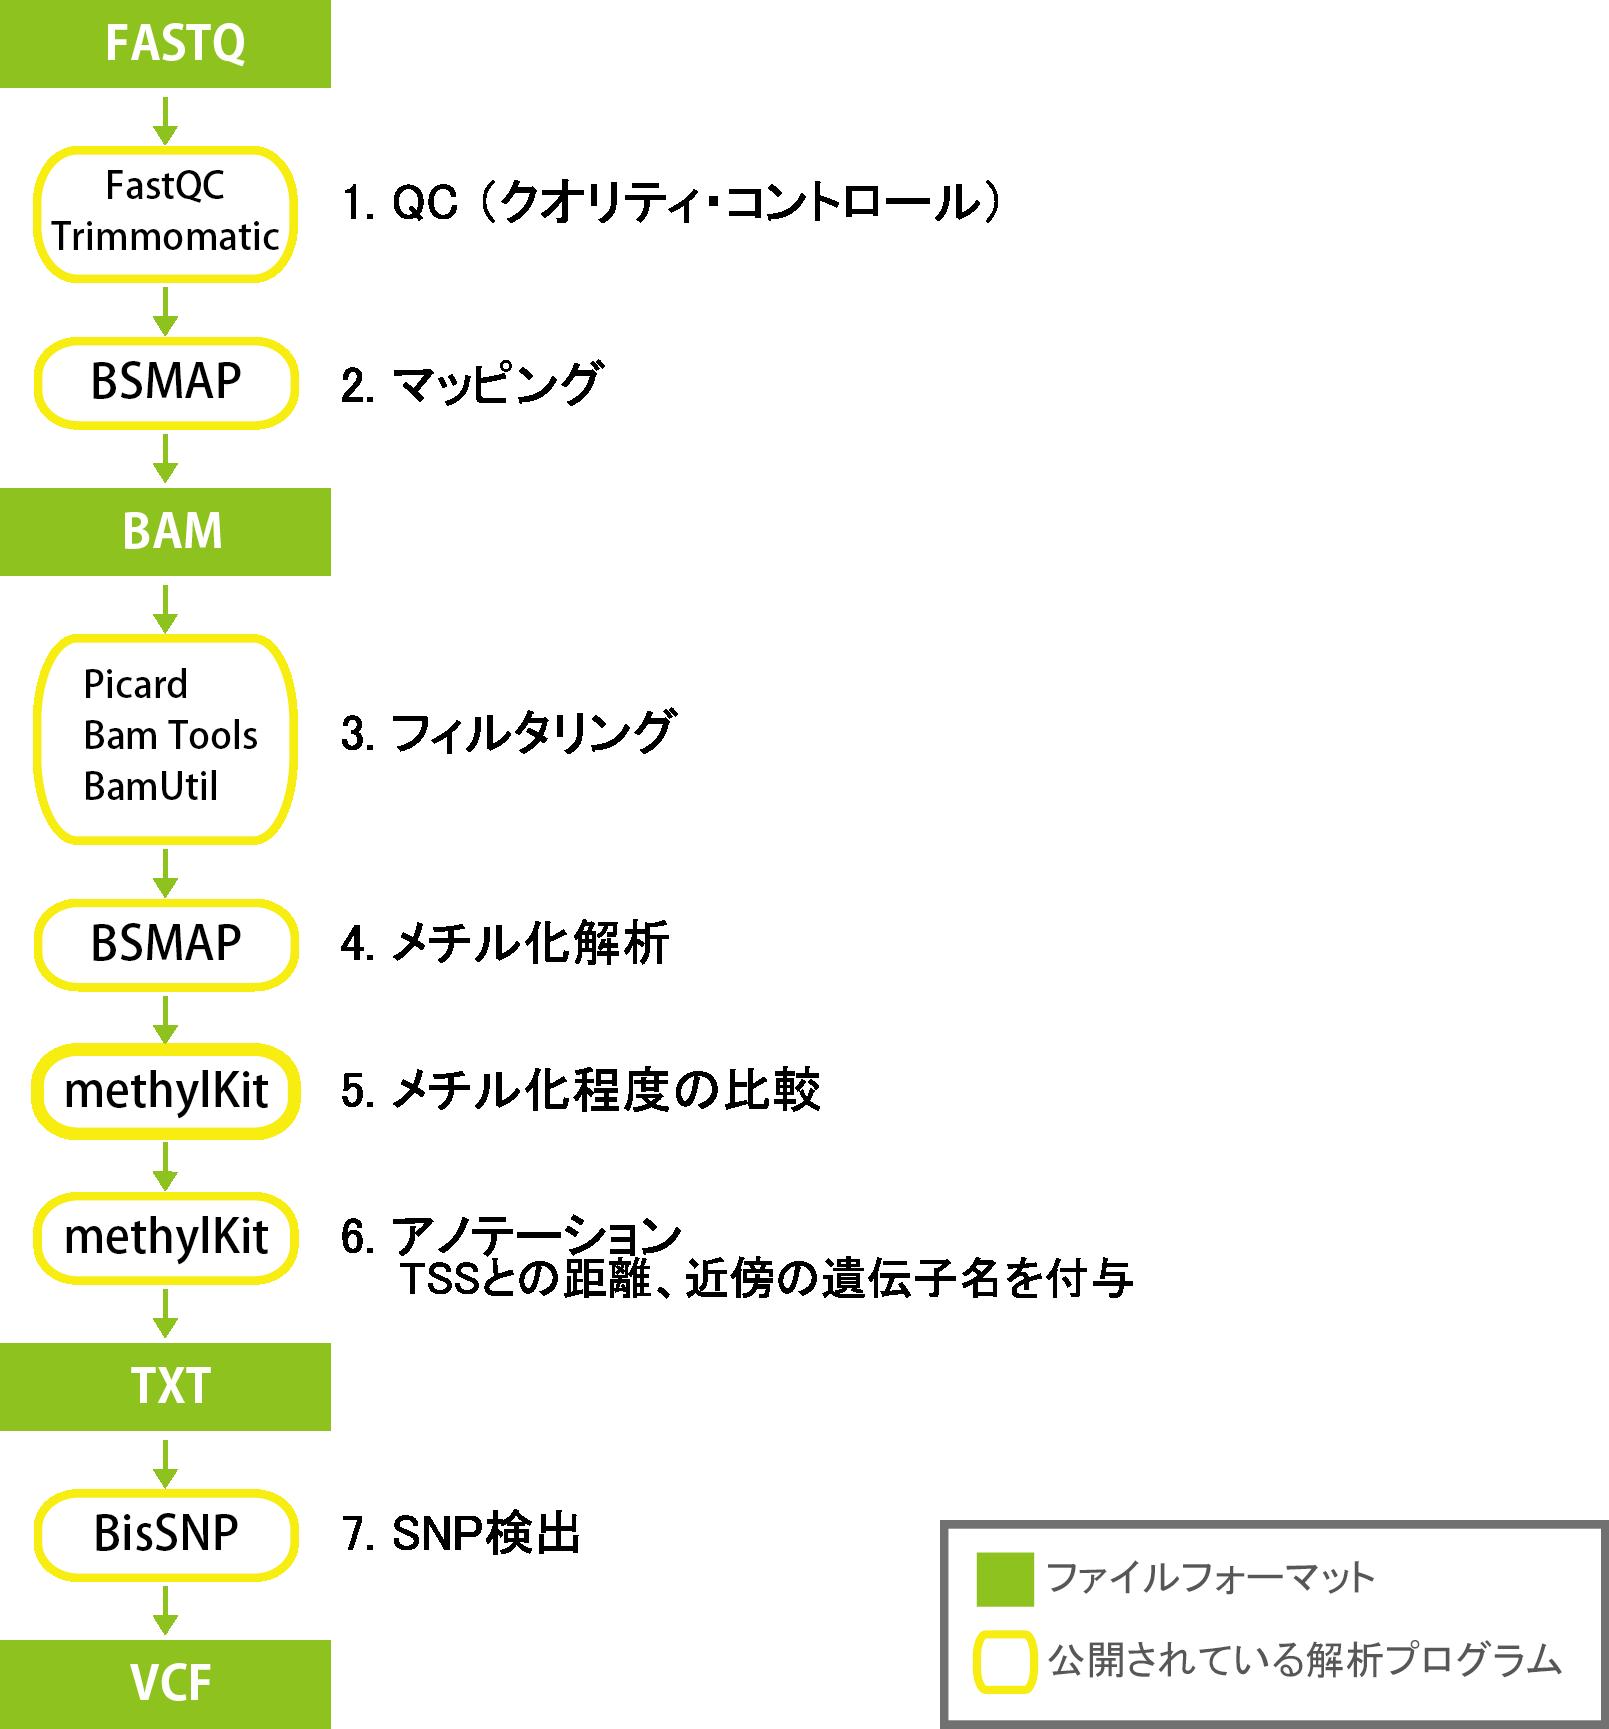 1.PolyA/T tailを除去、2.クオリティコントロール、3.マッピングおよびスプライスジャンクションを検出、4.遺伝子構造を予測/新規の転写産物を推定/FPKMを算出、5.グループ間比較、6.融合遺伝子探索